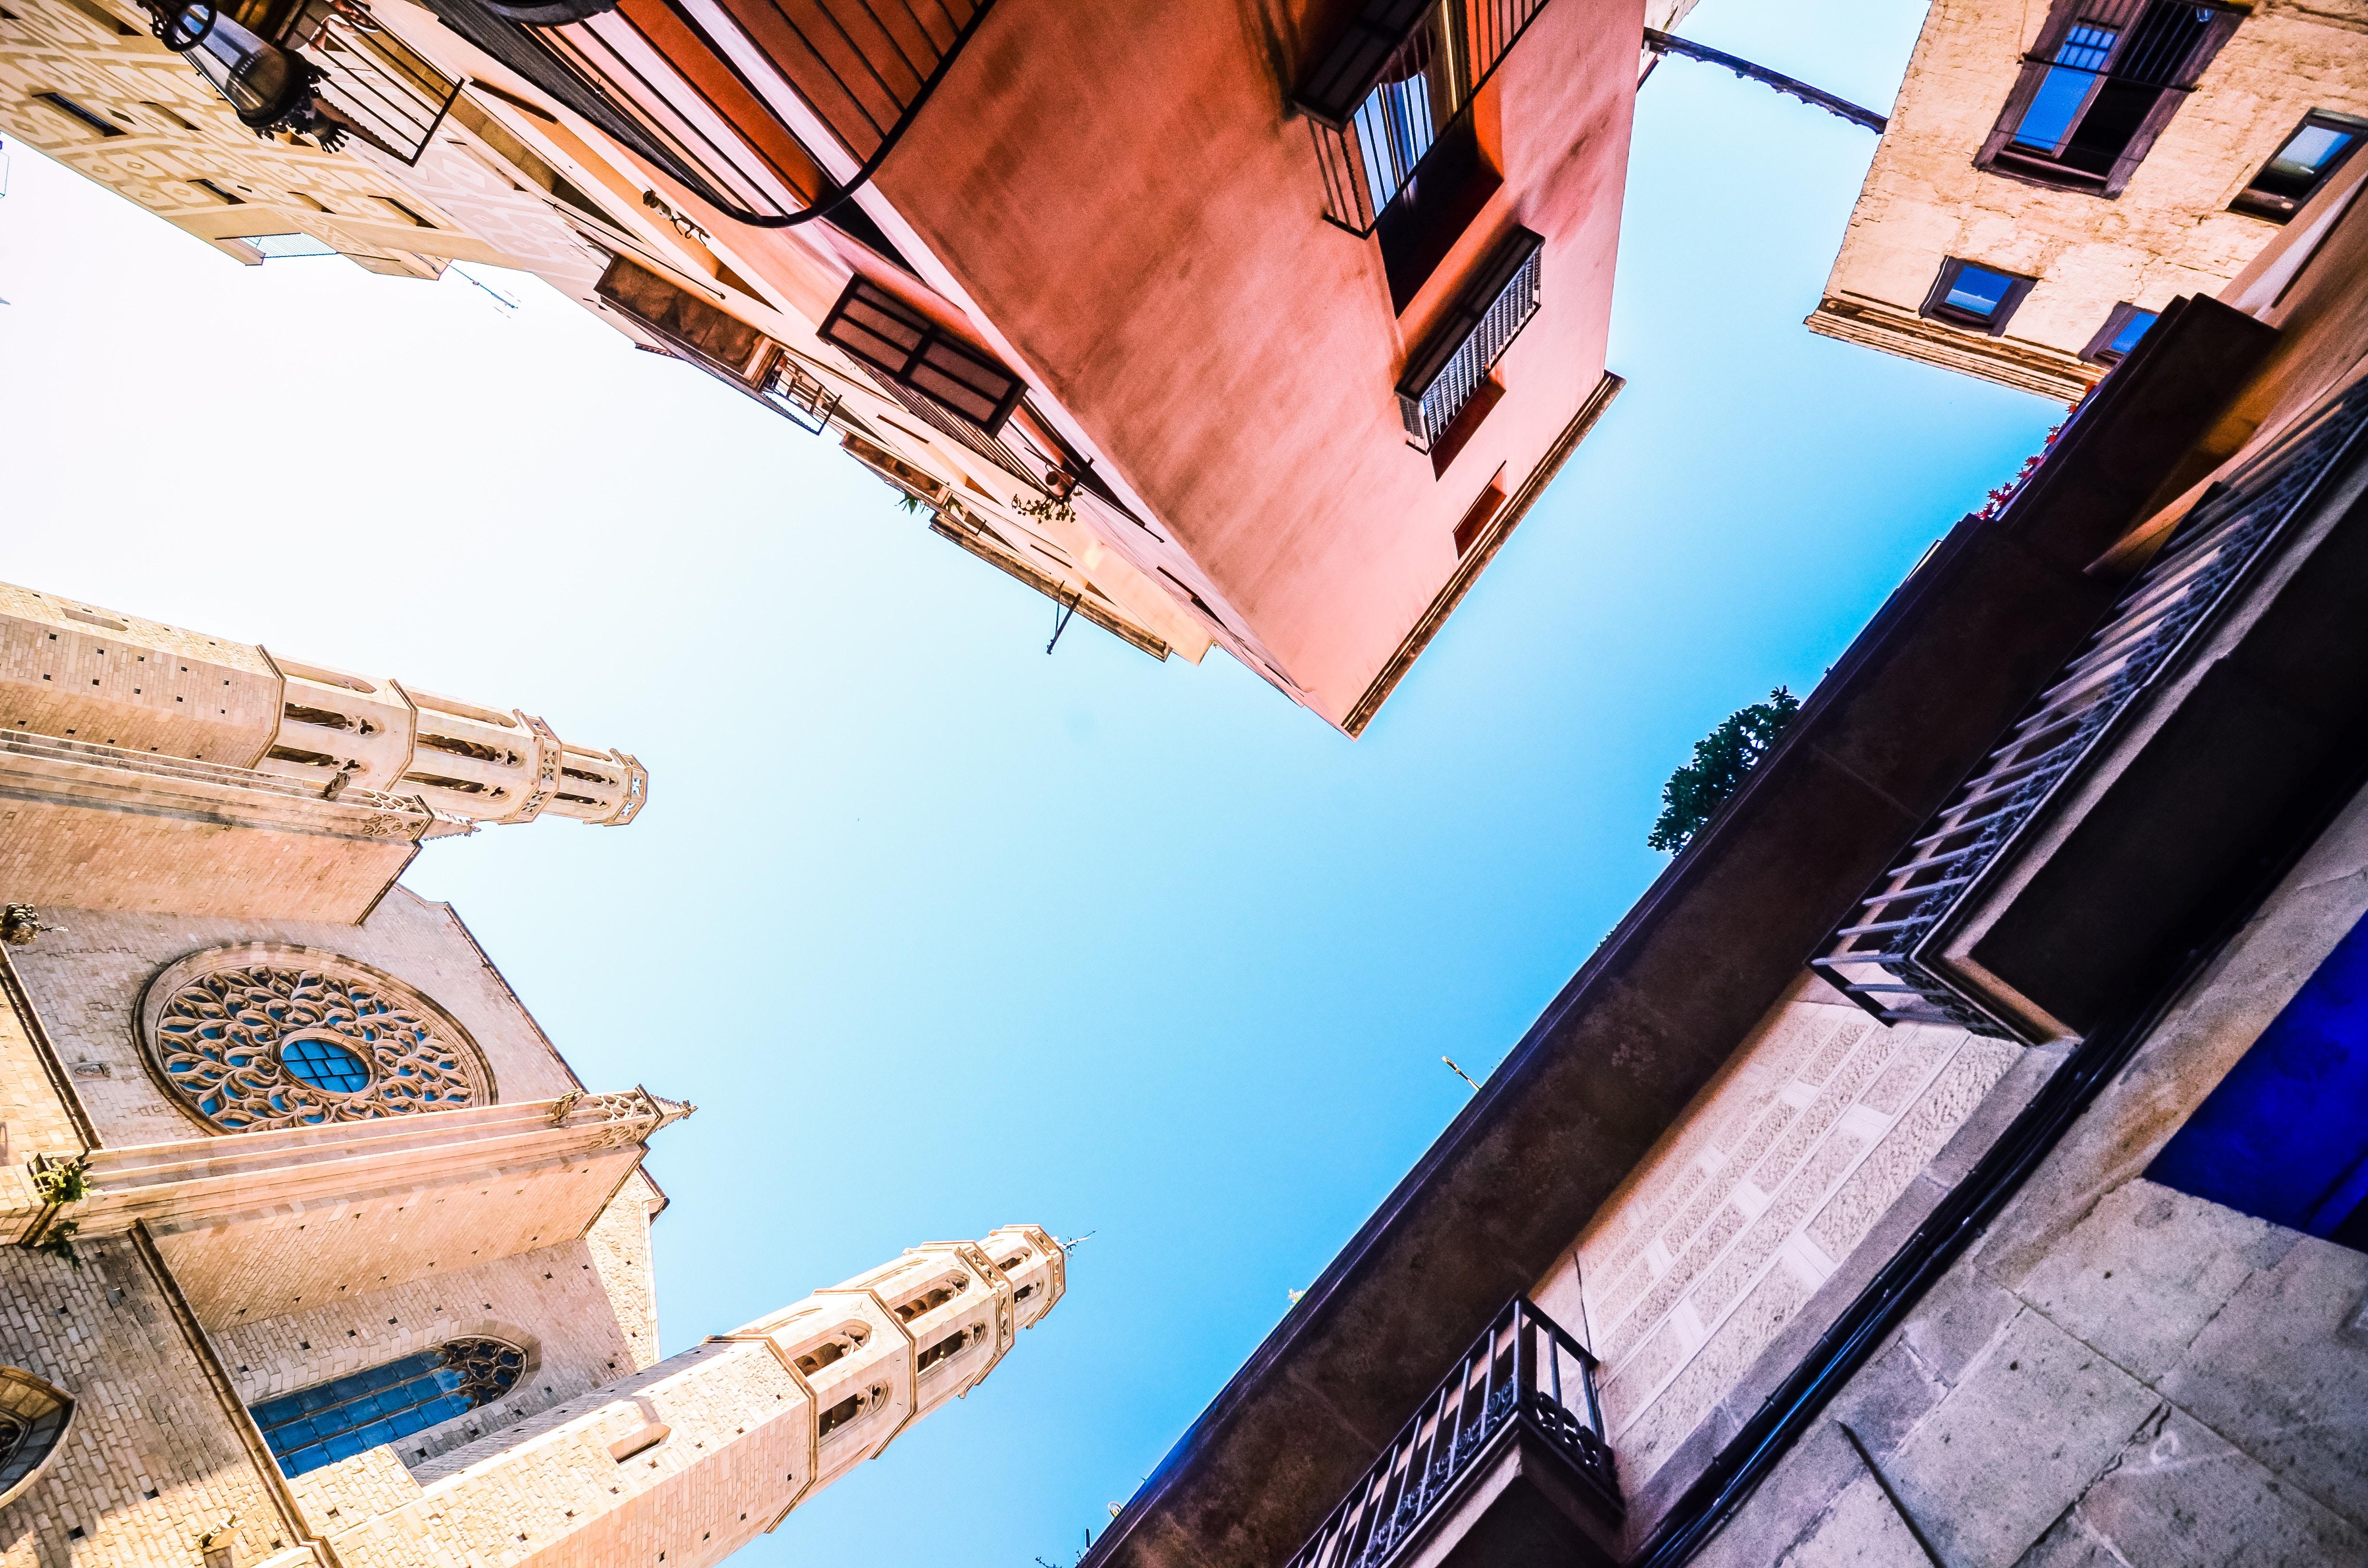 カサ・バトリョはガウディの傑作建築!観光スポット!予約して混雑解消!